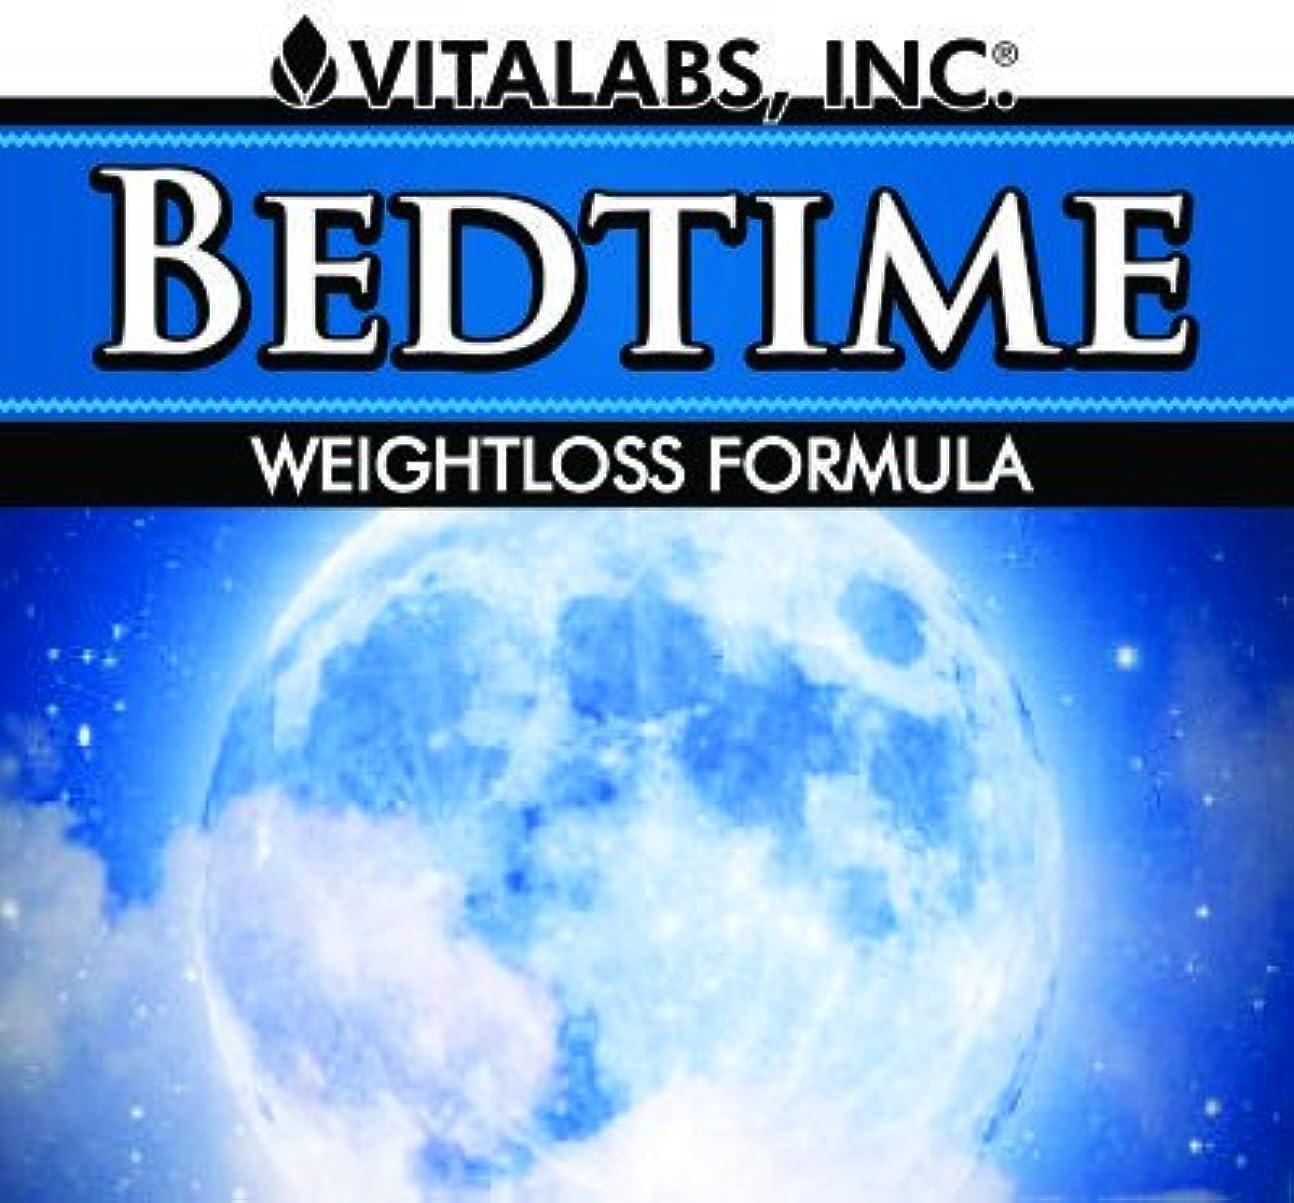 共和党専門惨めなSaturn Supplements/Vitalabs BedTime Weight Lost ベッドタイムウェイトロス 60カプセル